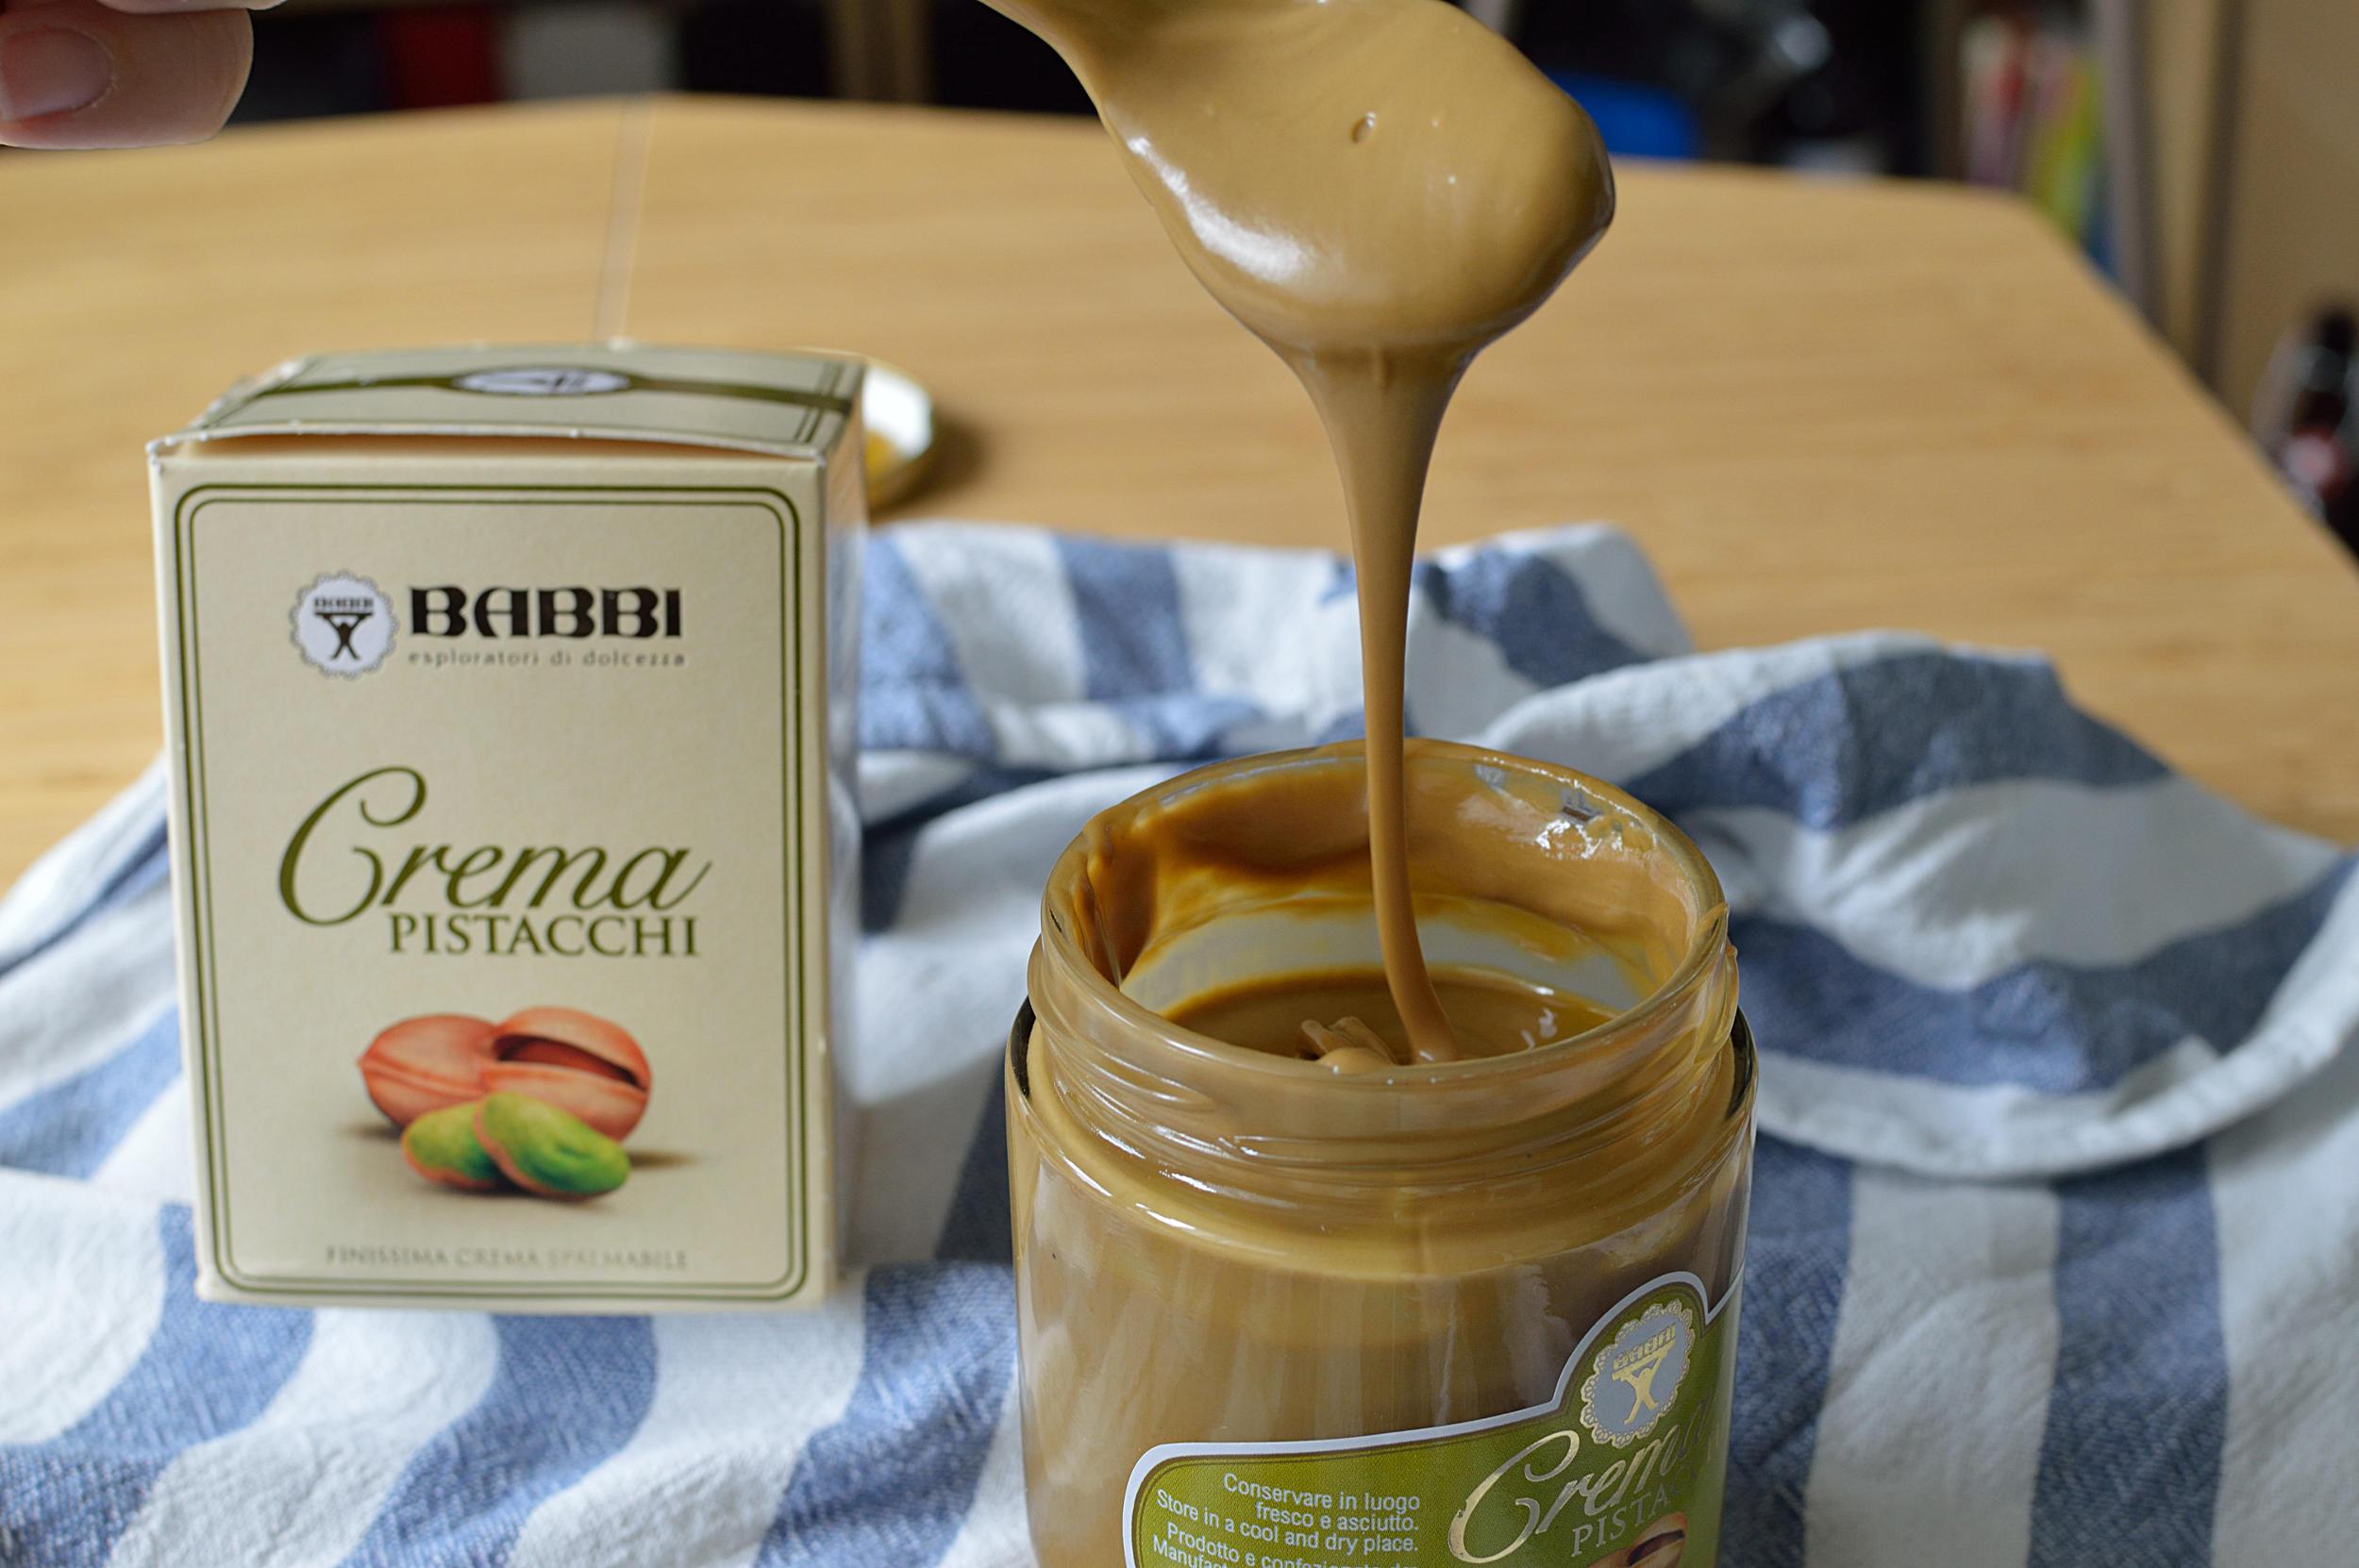 En bruk pistachkräm